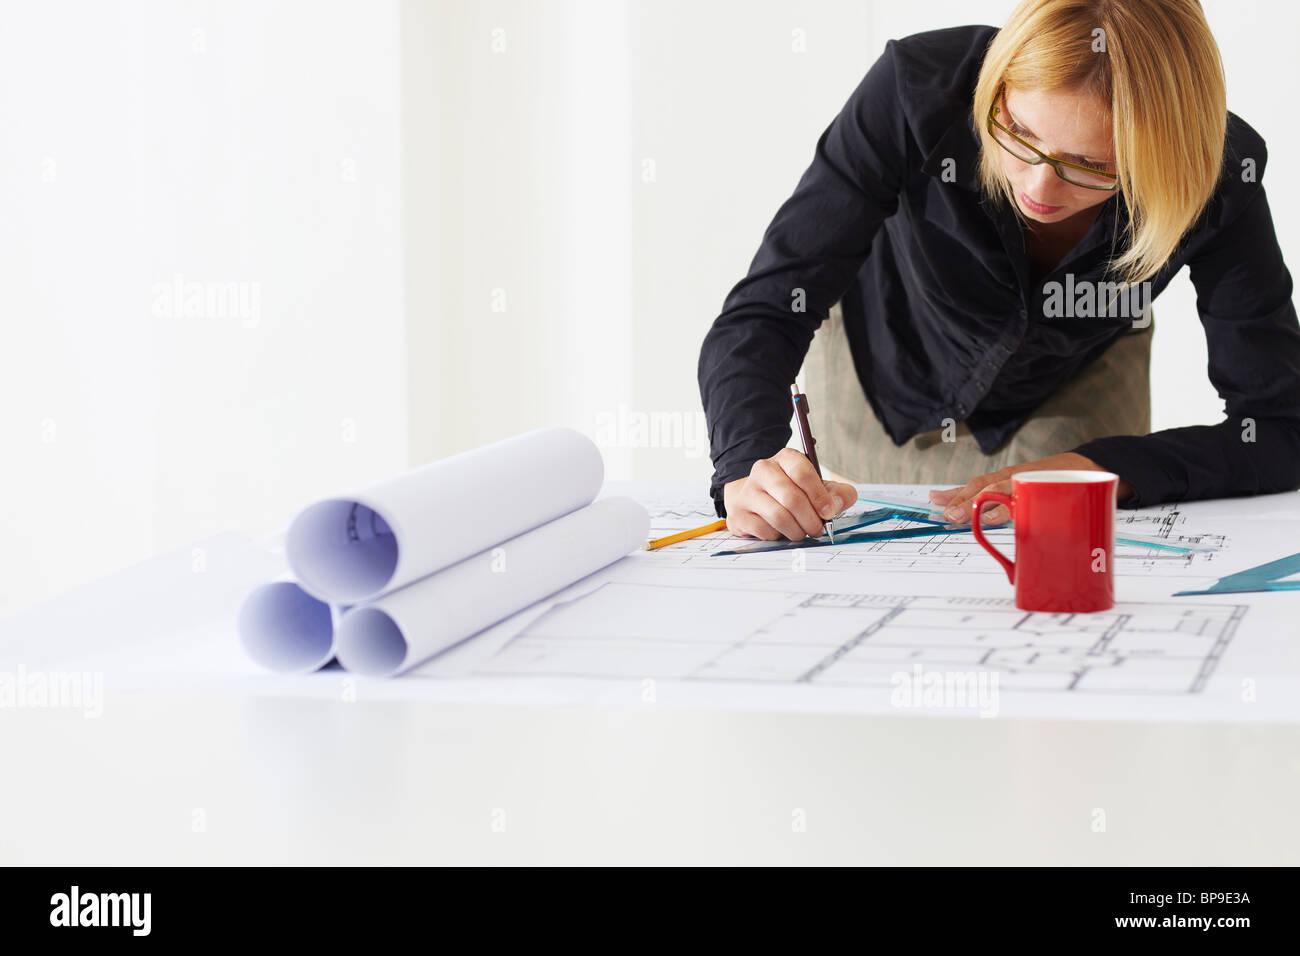 female architect drawing on blueprint - Stock Image